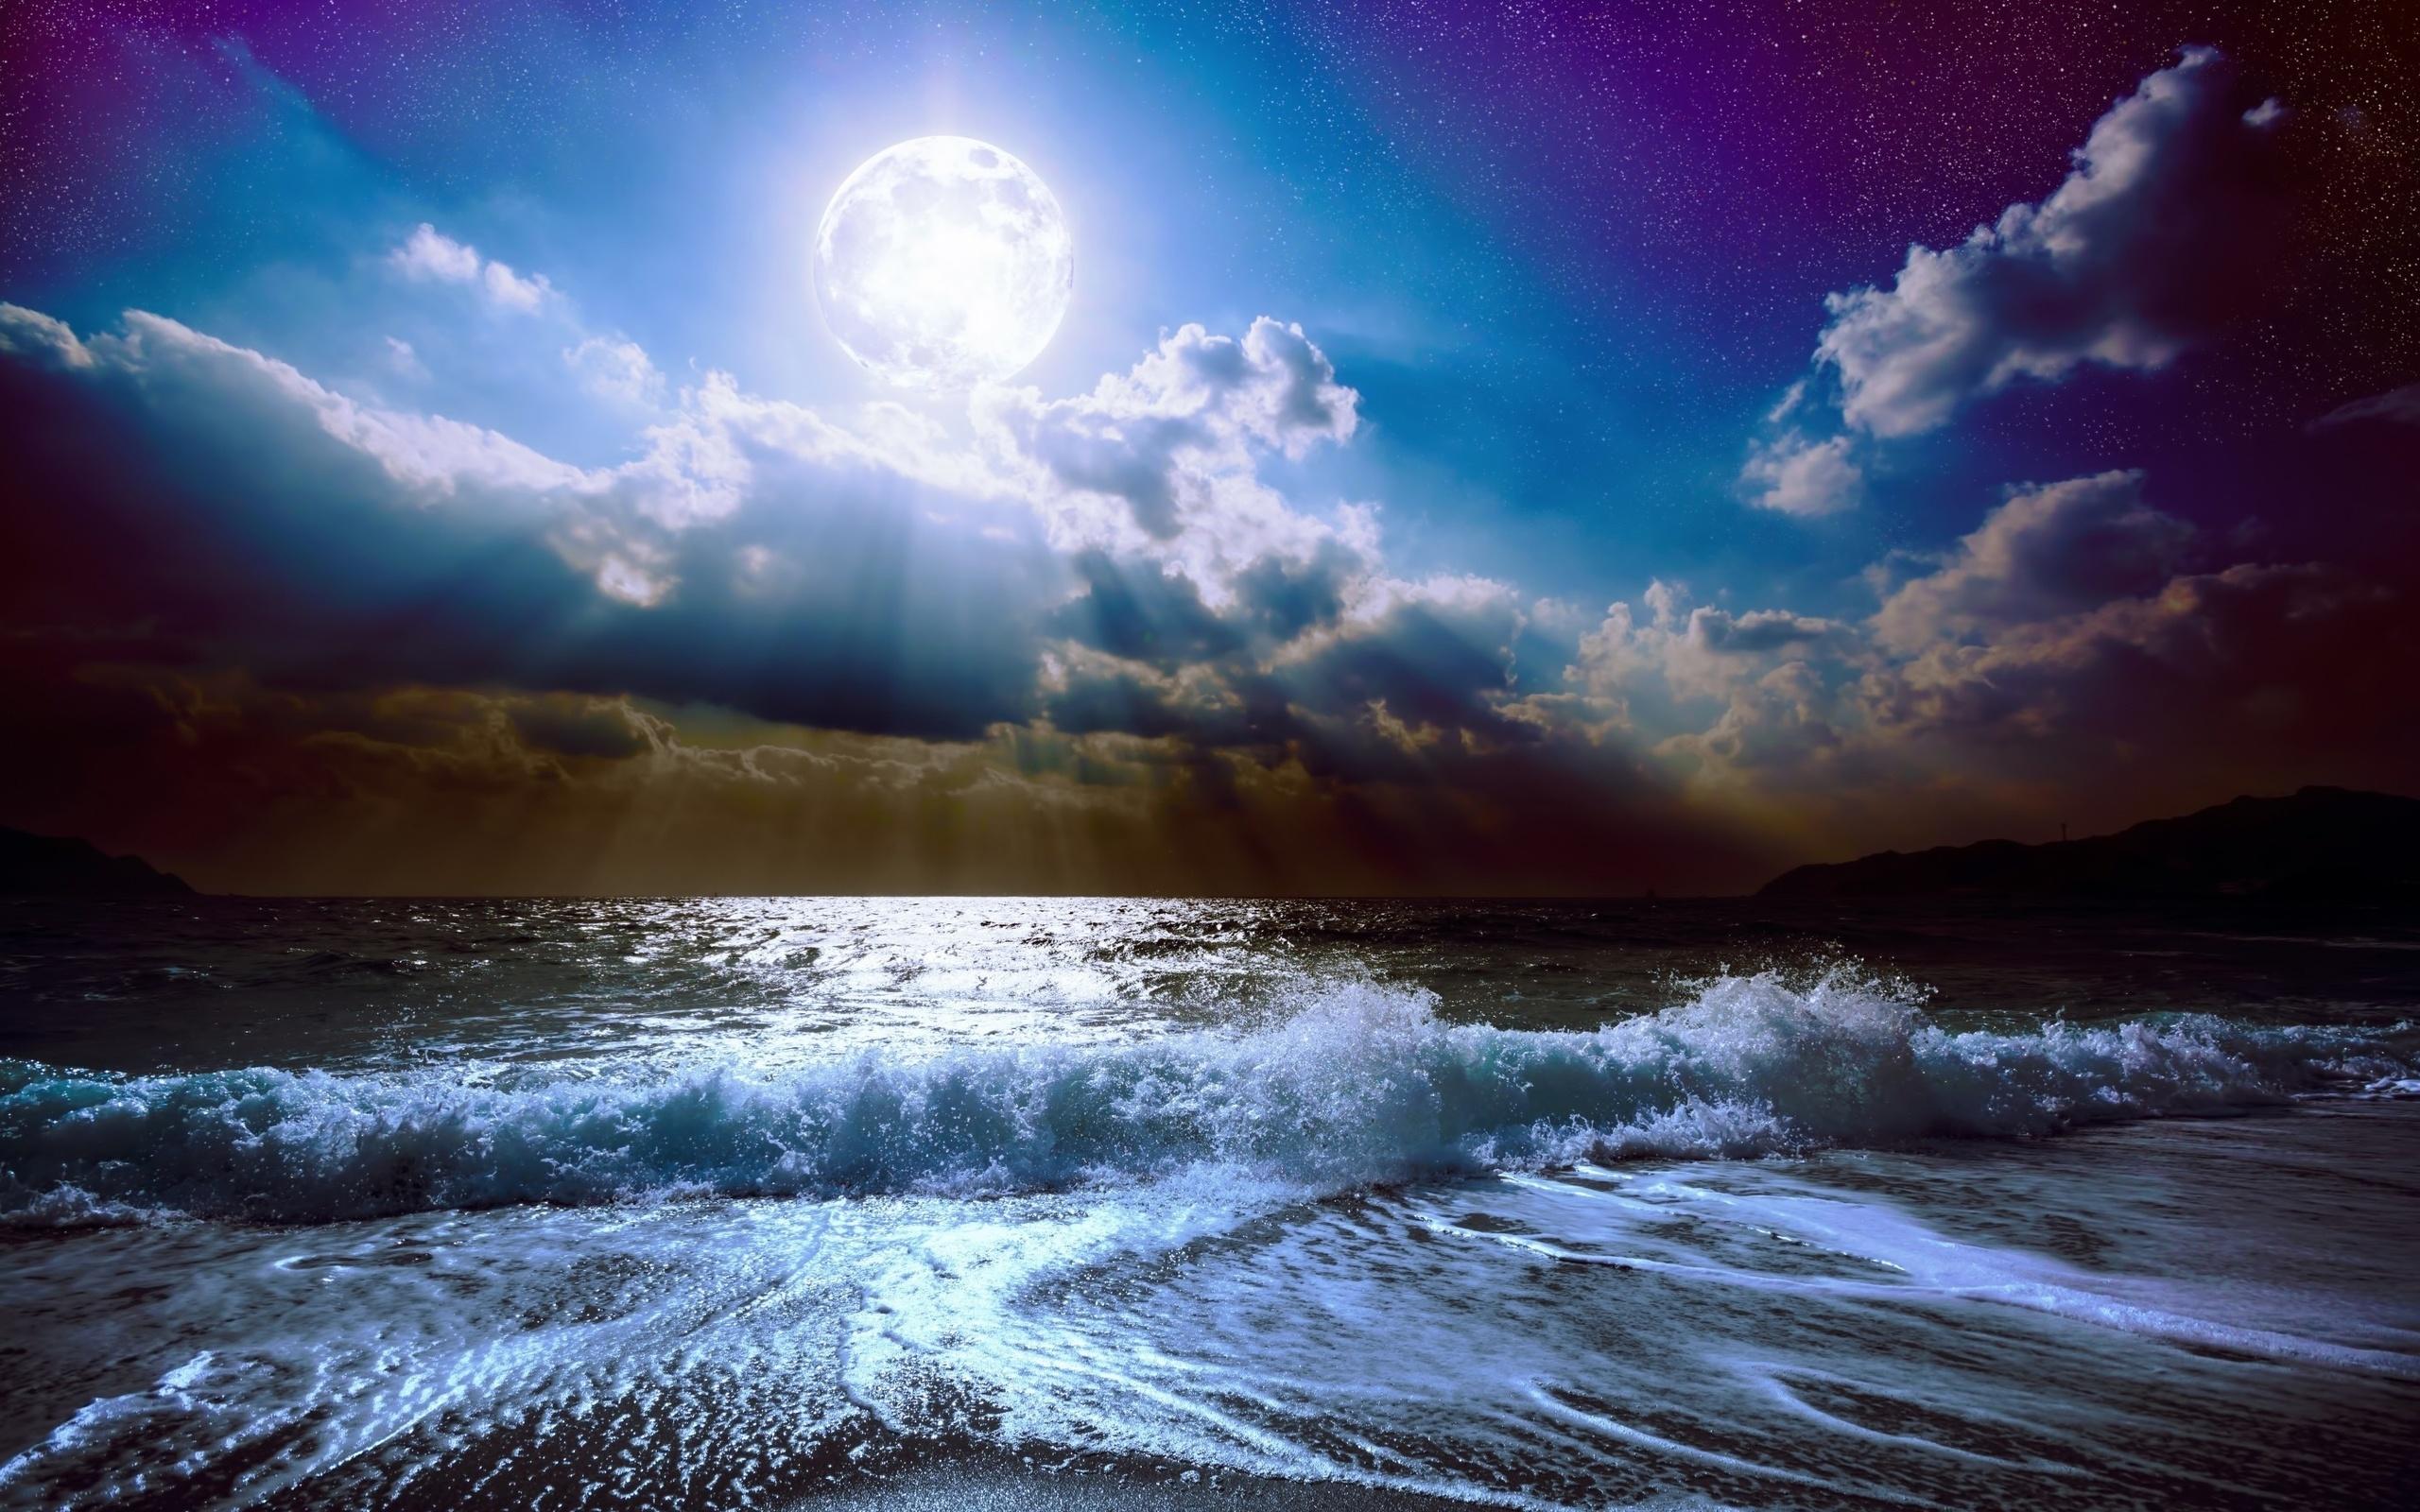 Картинки ночного моря и неба